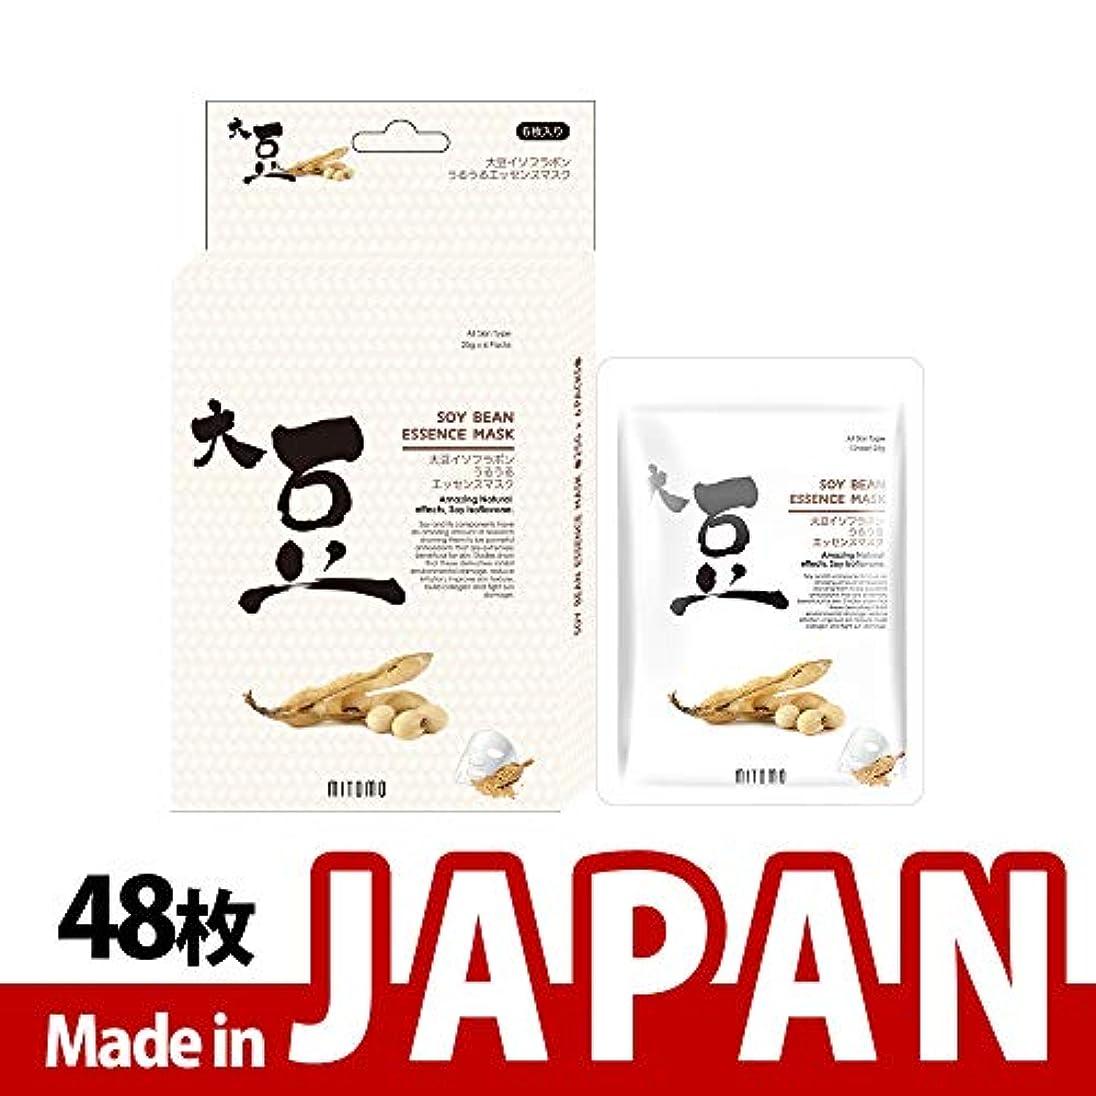 近くオーナーアミューズMITOMO【JP512-D-2】日本製シートマスク/6枚入り/48枚/美容液/マスクパック/送料無料